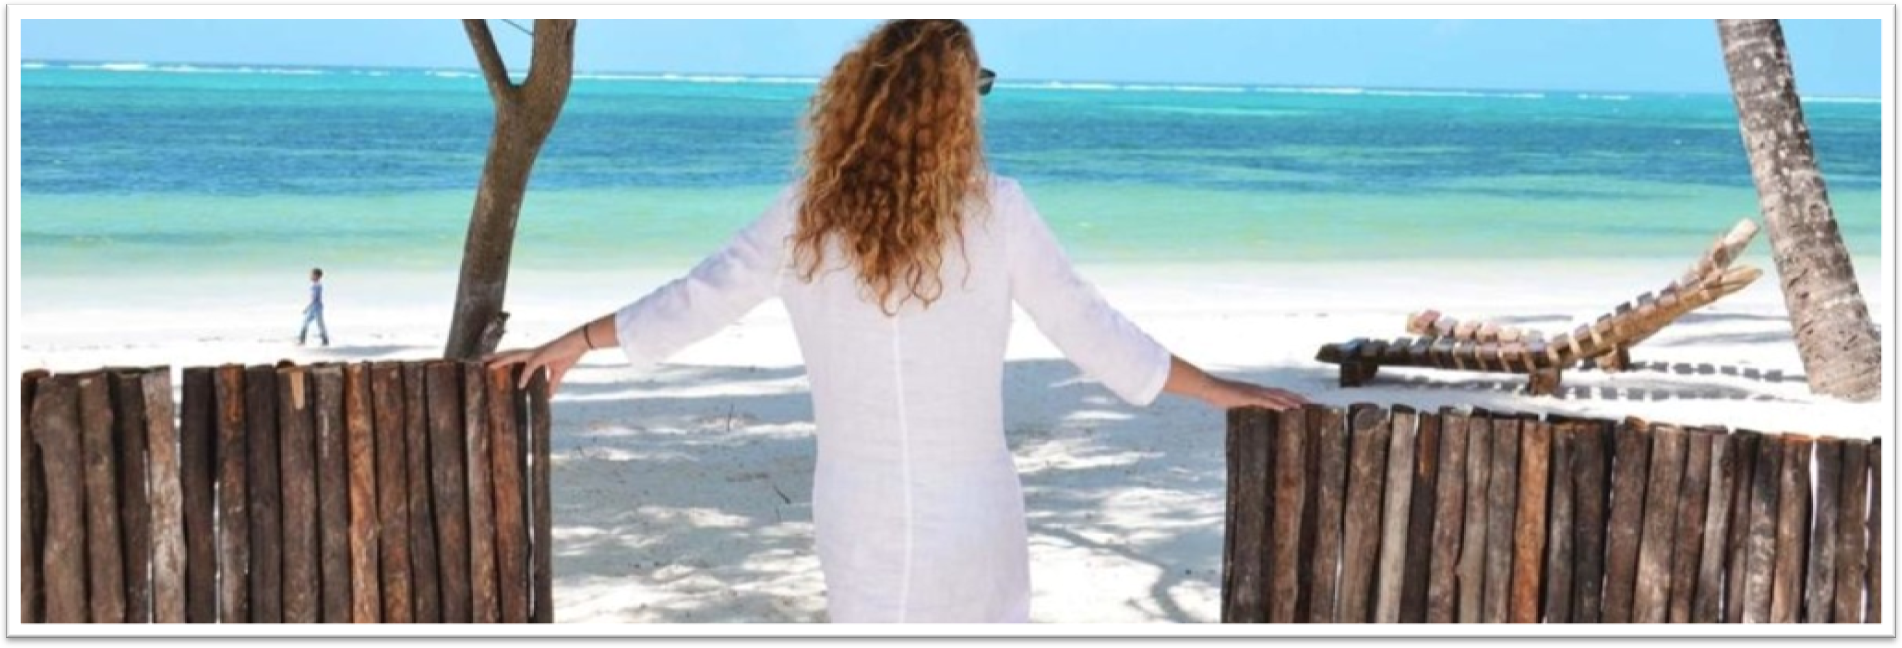 ZANZIBAR BEACH 4 DAYS